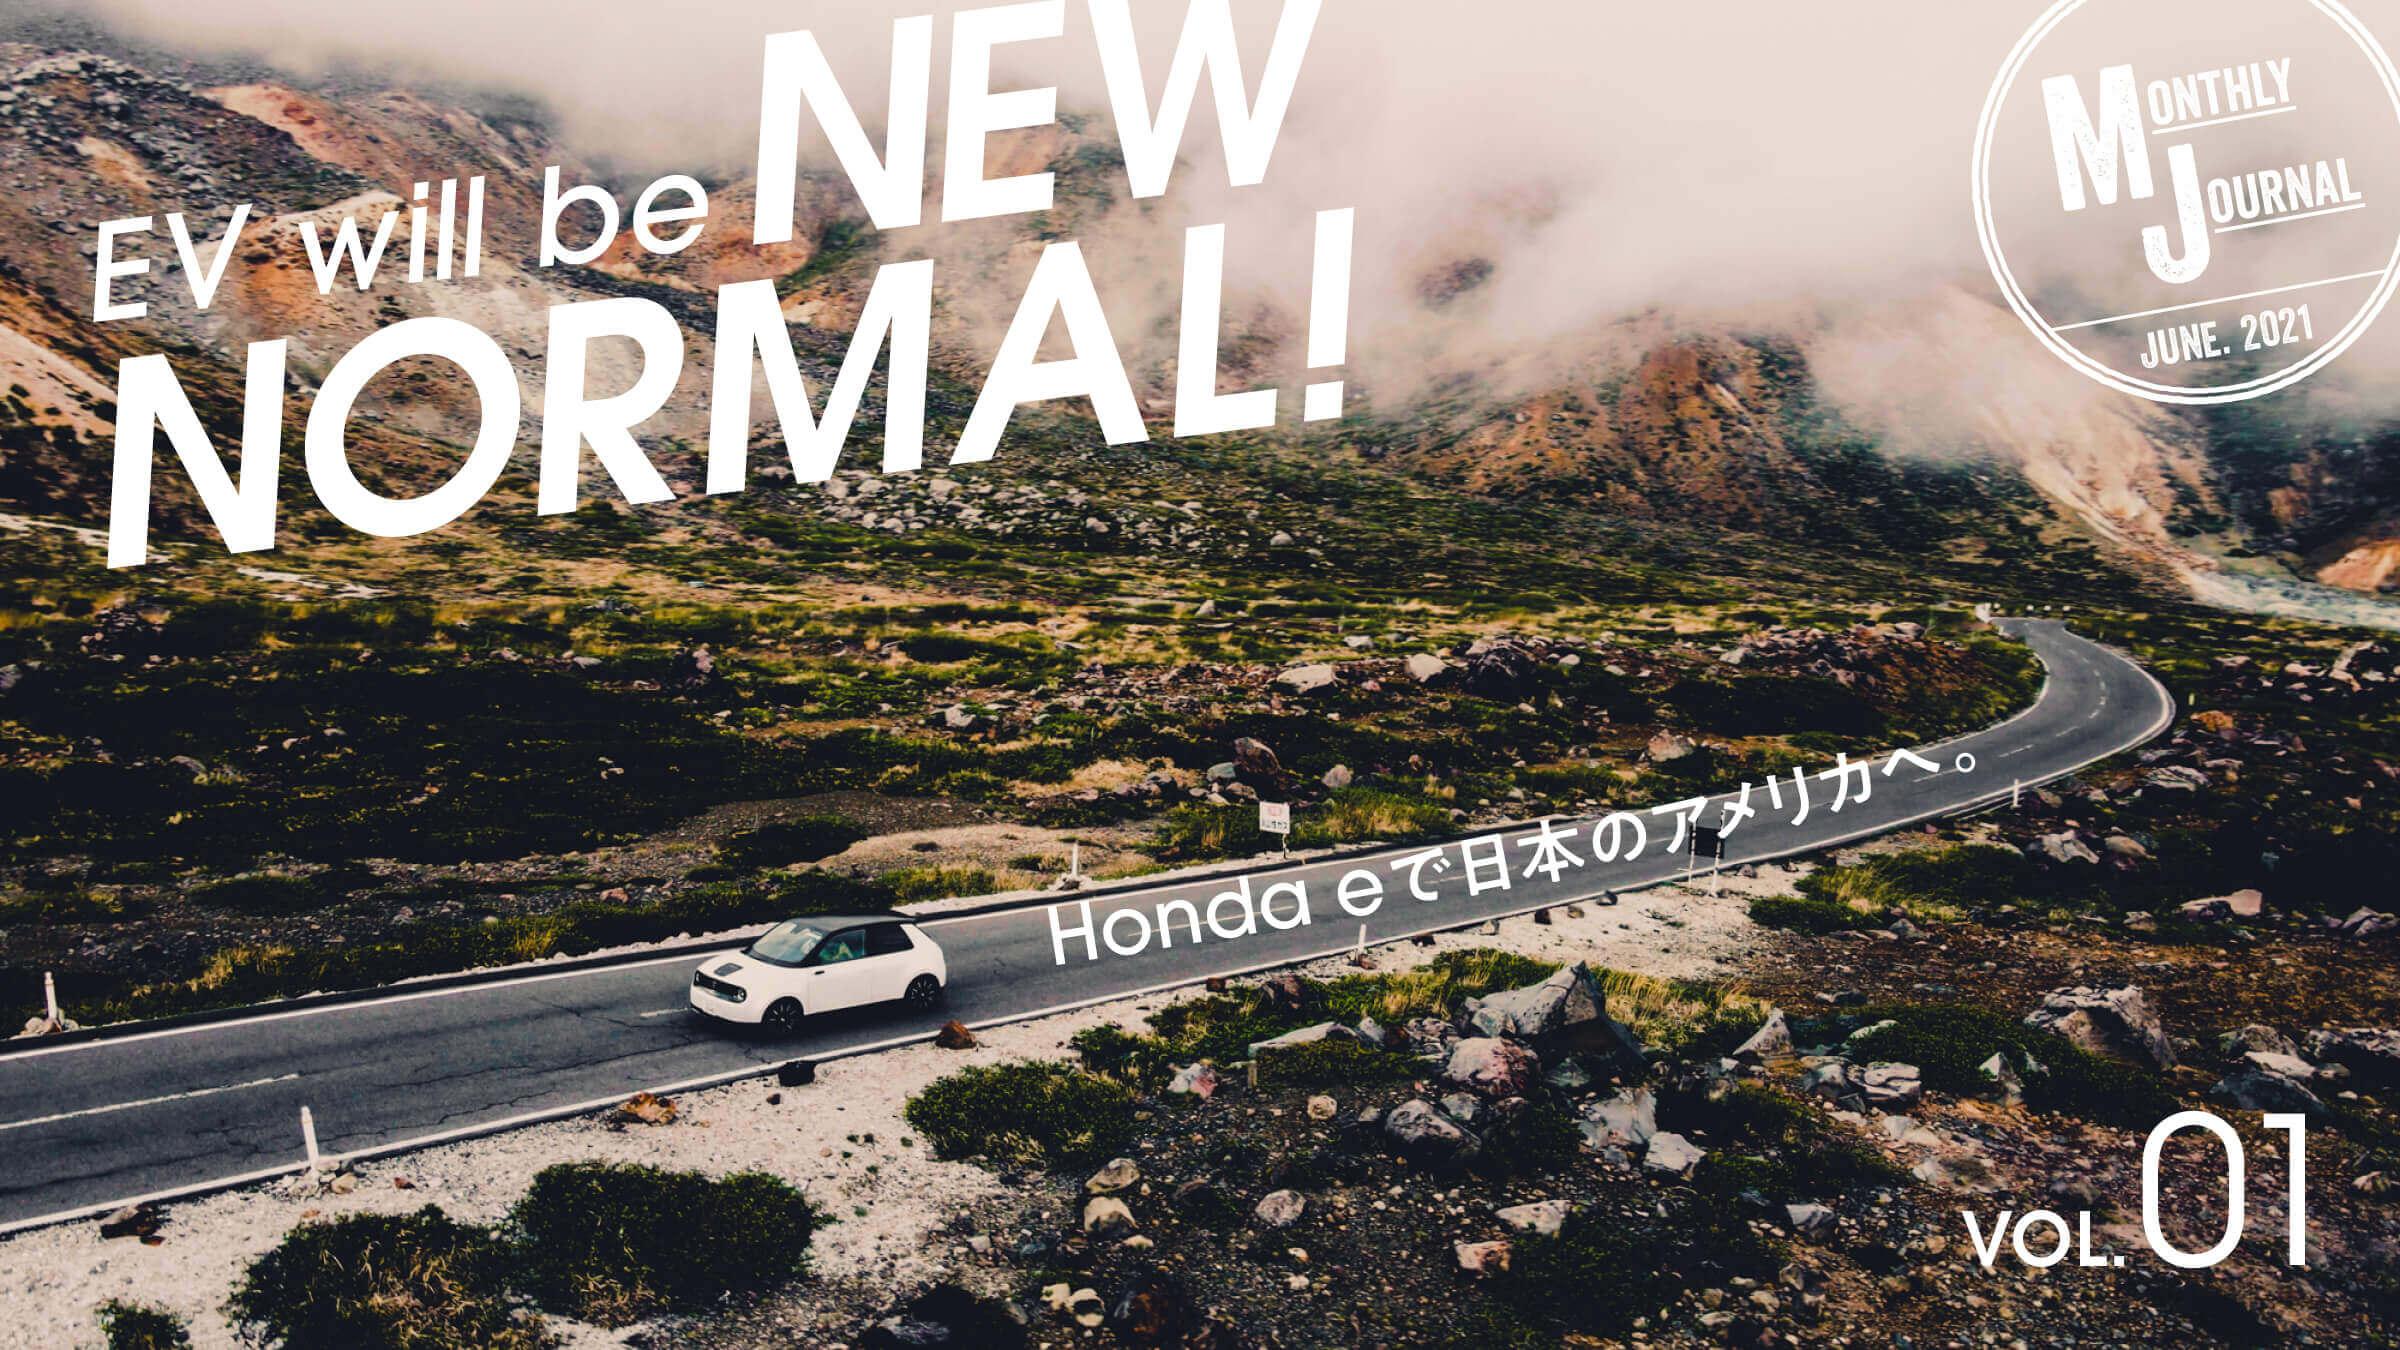 メディア・イベント 車・乗り物 カジュアル シンプル スタイリッシュ・おしゃれ メンズライクのバナーデザイン